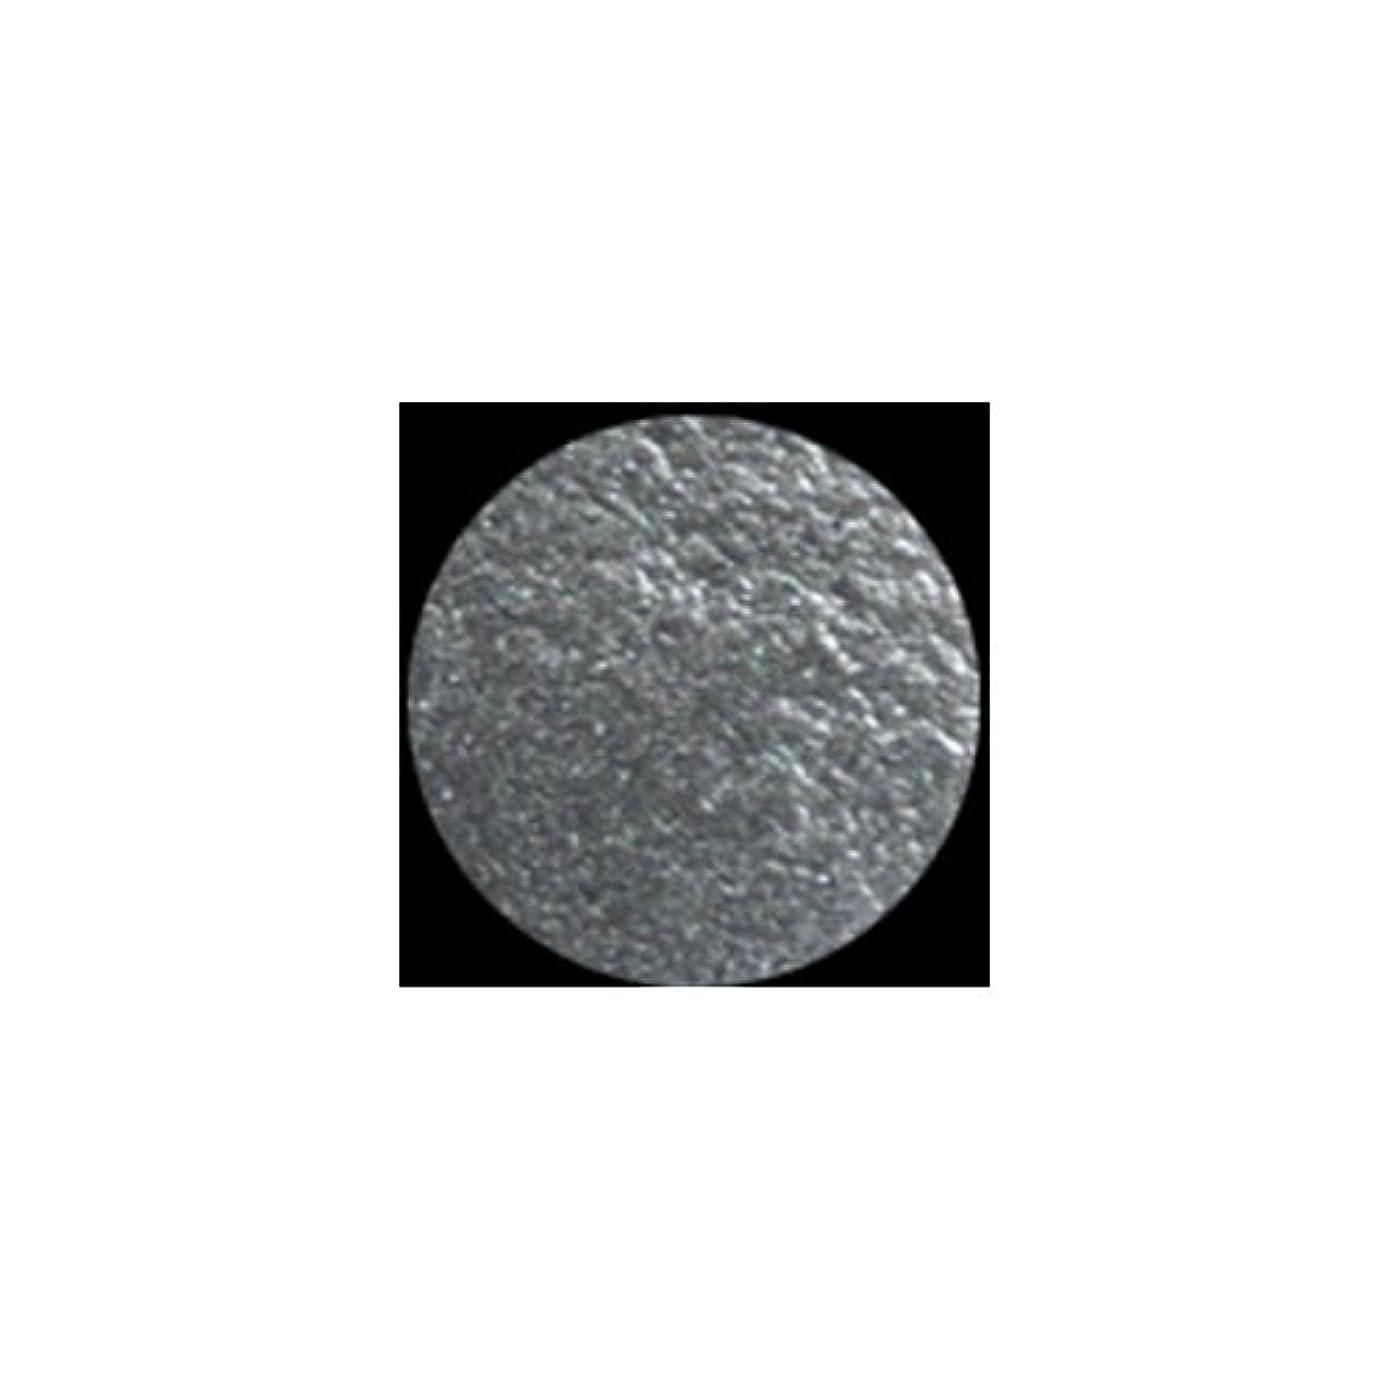 前売影響するシビックKLEANCOLOR American Eyedol (Wet/Dry Baked Eyeshadow) - Sterling (並行輸入品)